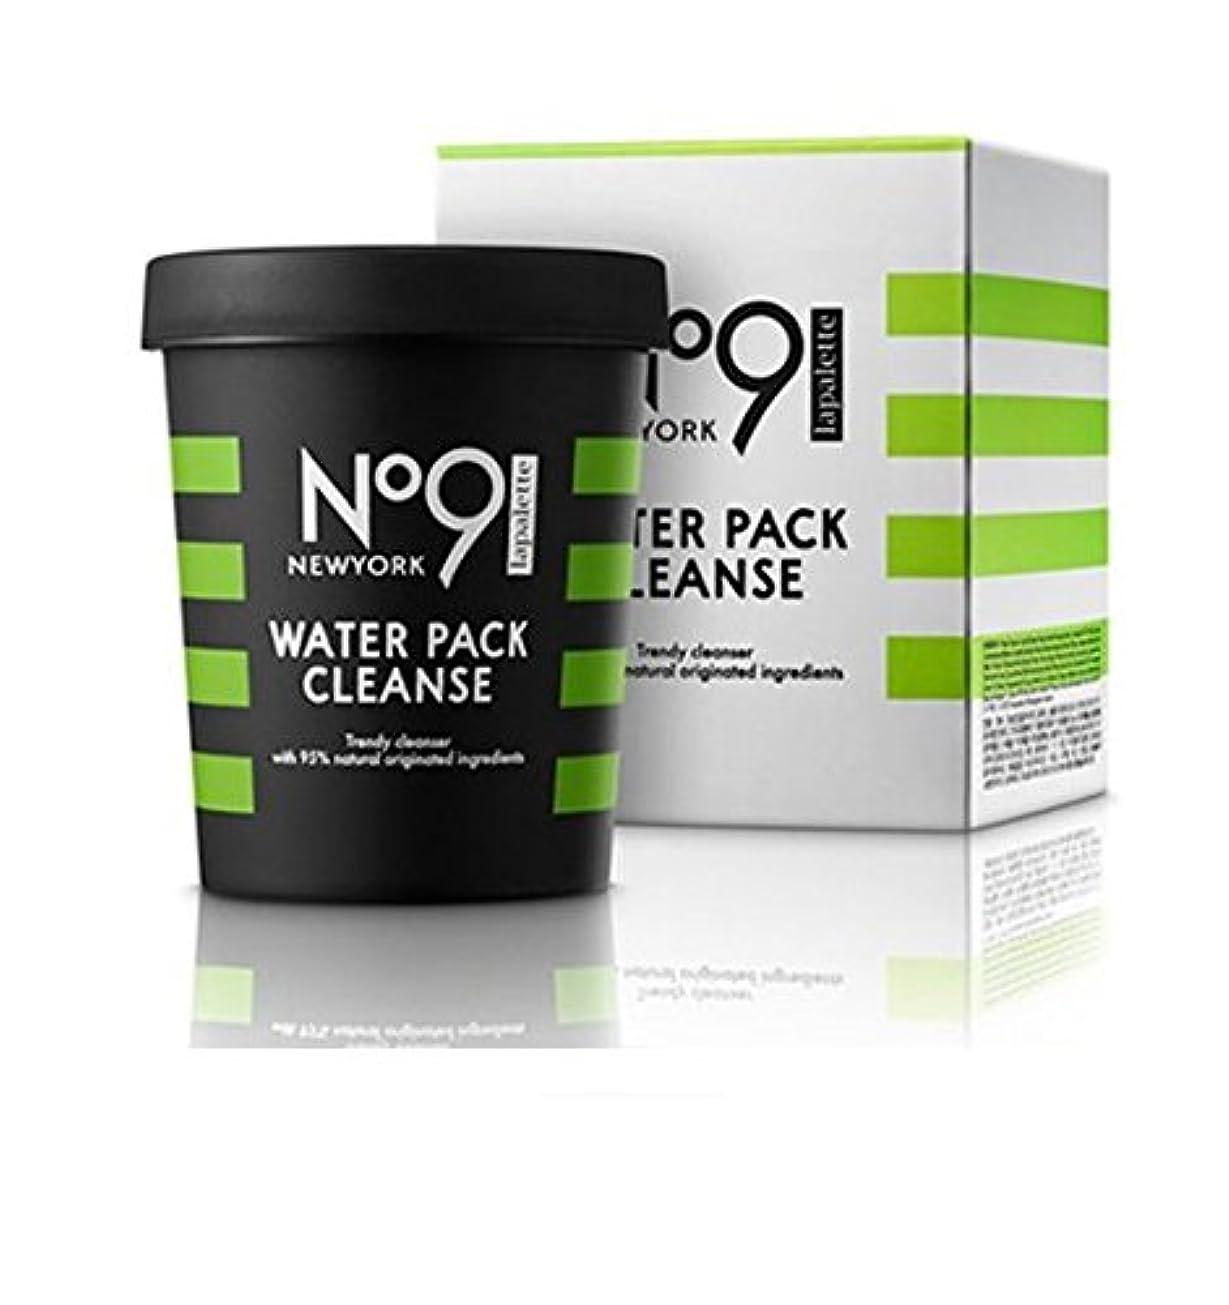 レギュラー警報周術期lapalette (ラ パレット) No.9 ウォーター パッククレンザー/No.9 Water Pack Cleanse (250g) (ゼリーゼリーケール(Jelly Jelly Kale)) [並行輸入品]